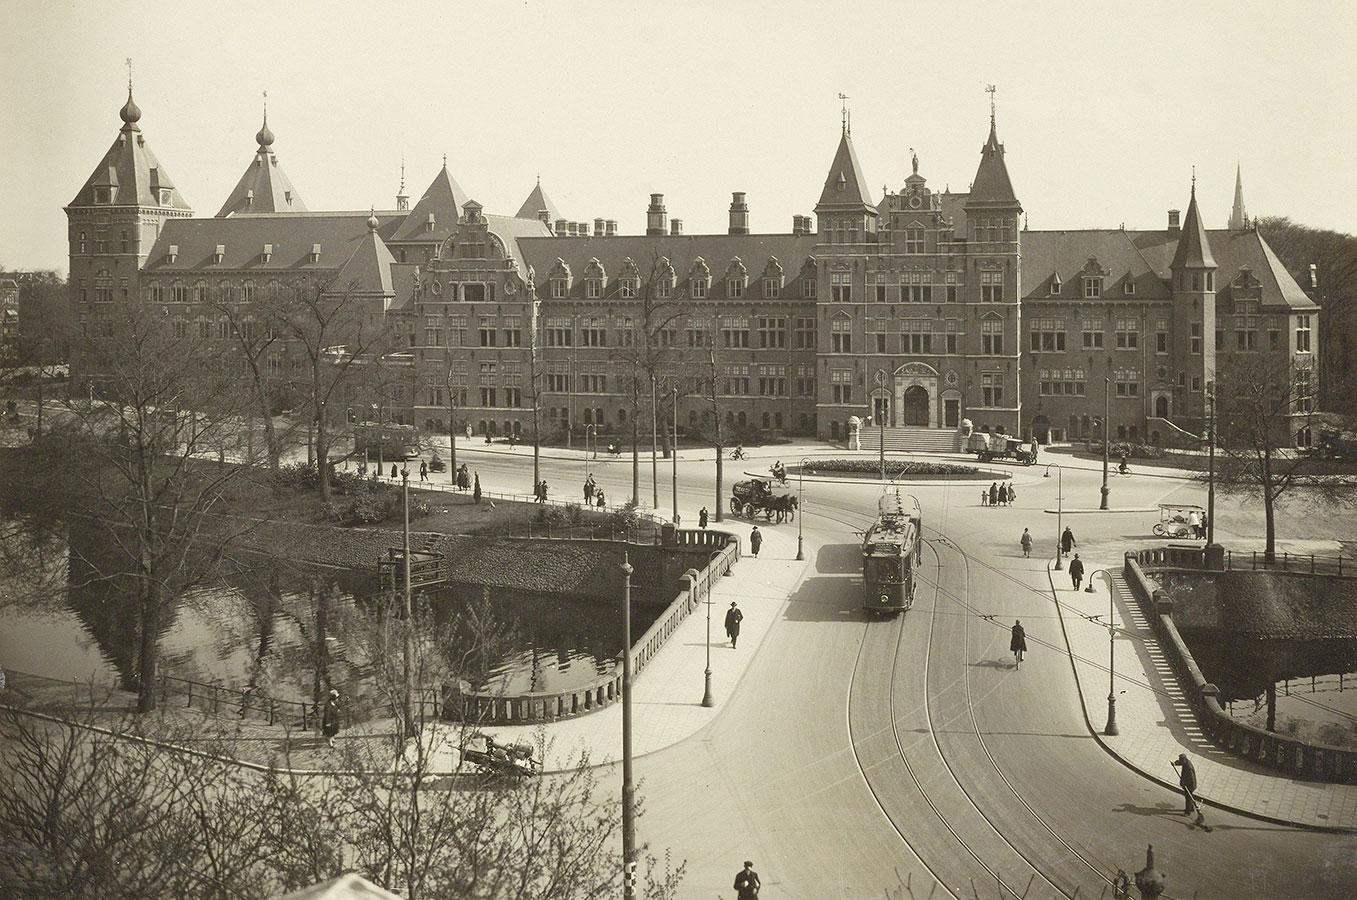 Foto vanaf Muiderpoort met zicht op brug waar tram en een paard met wagen gaat. ook voetgangers en een man die de straat veegt zijn te zien.